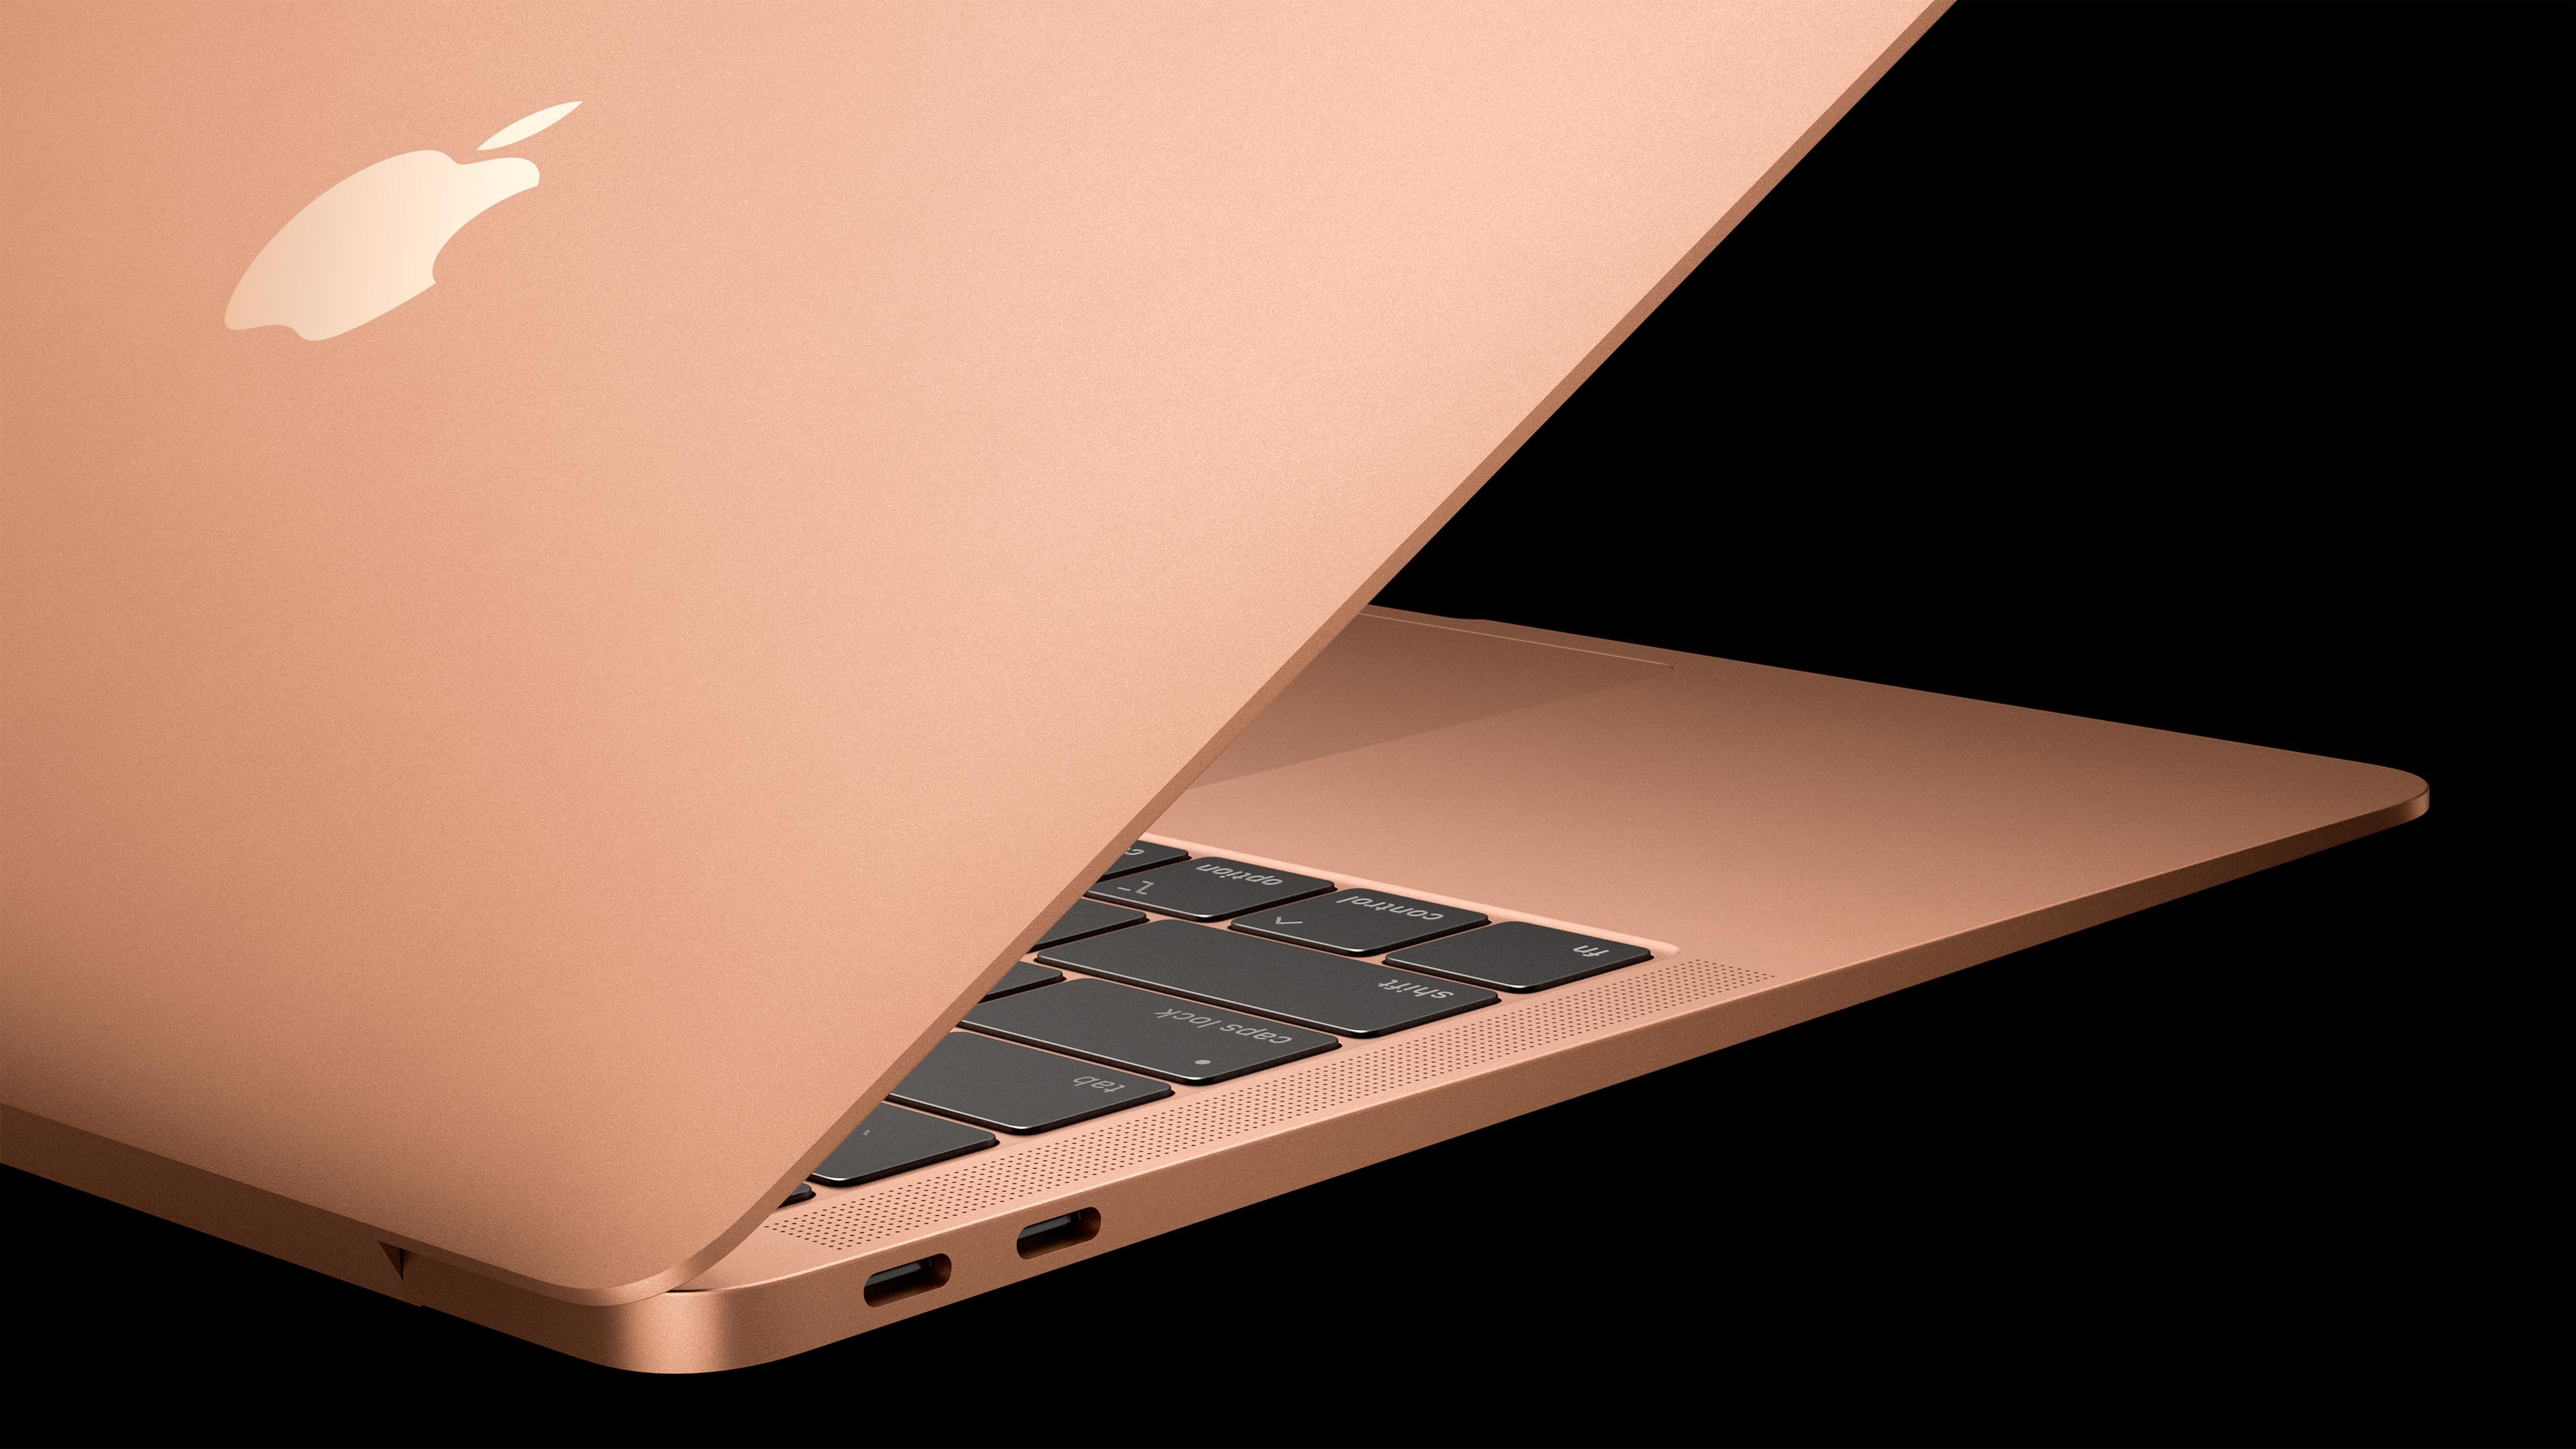 Retinaに対応した新MacBook Air登場!